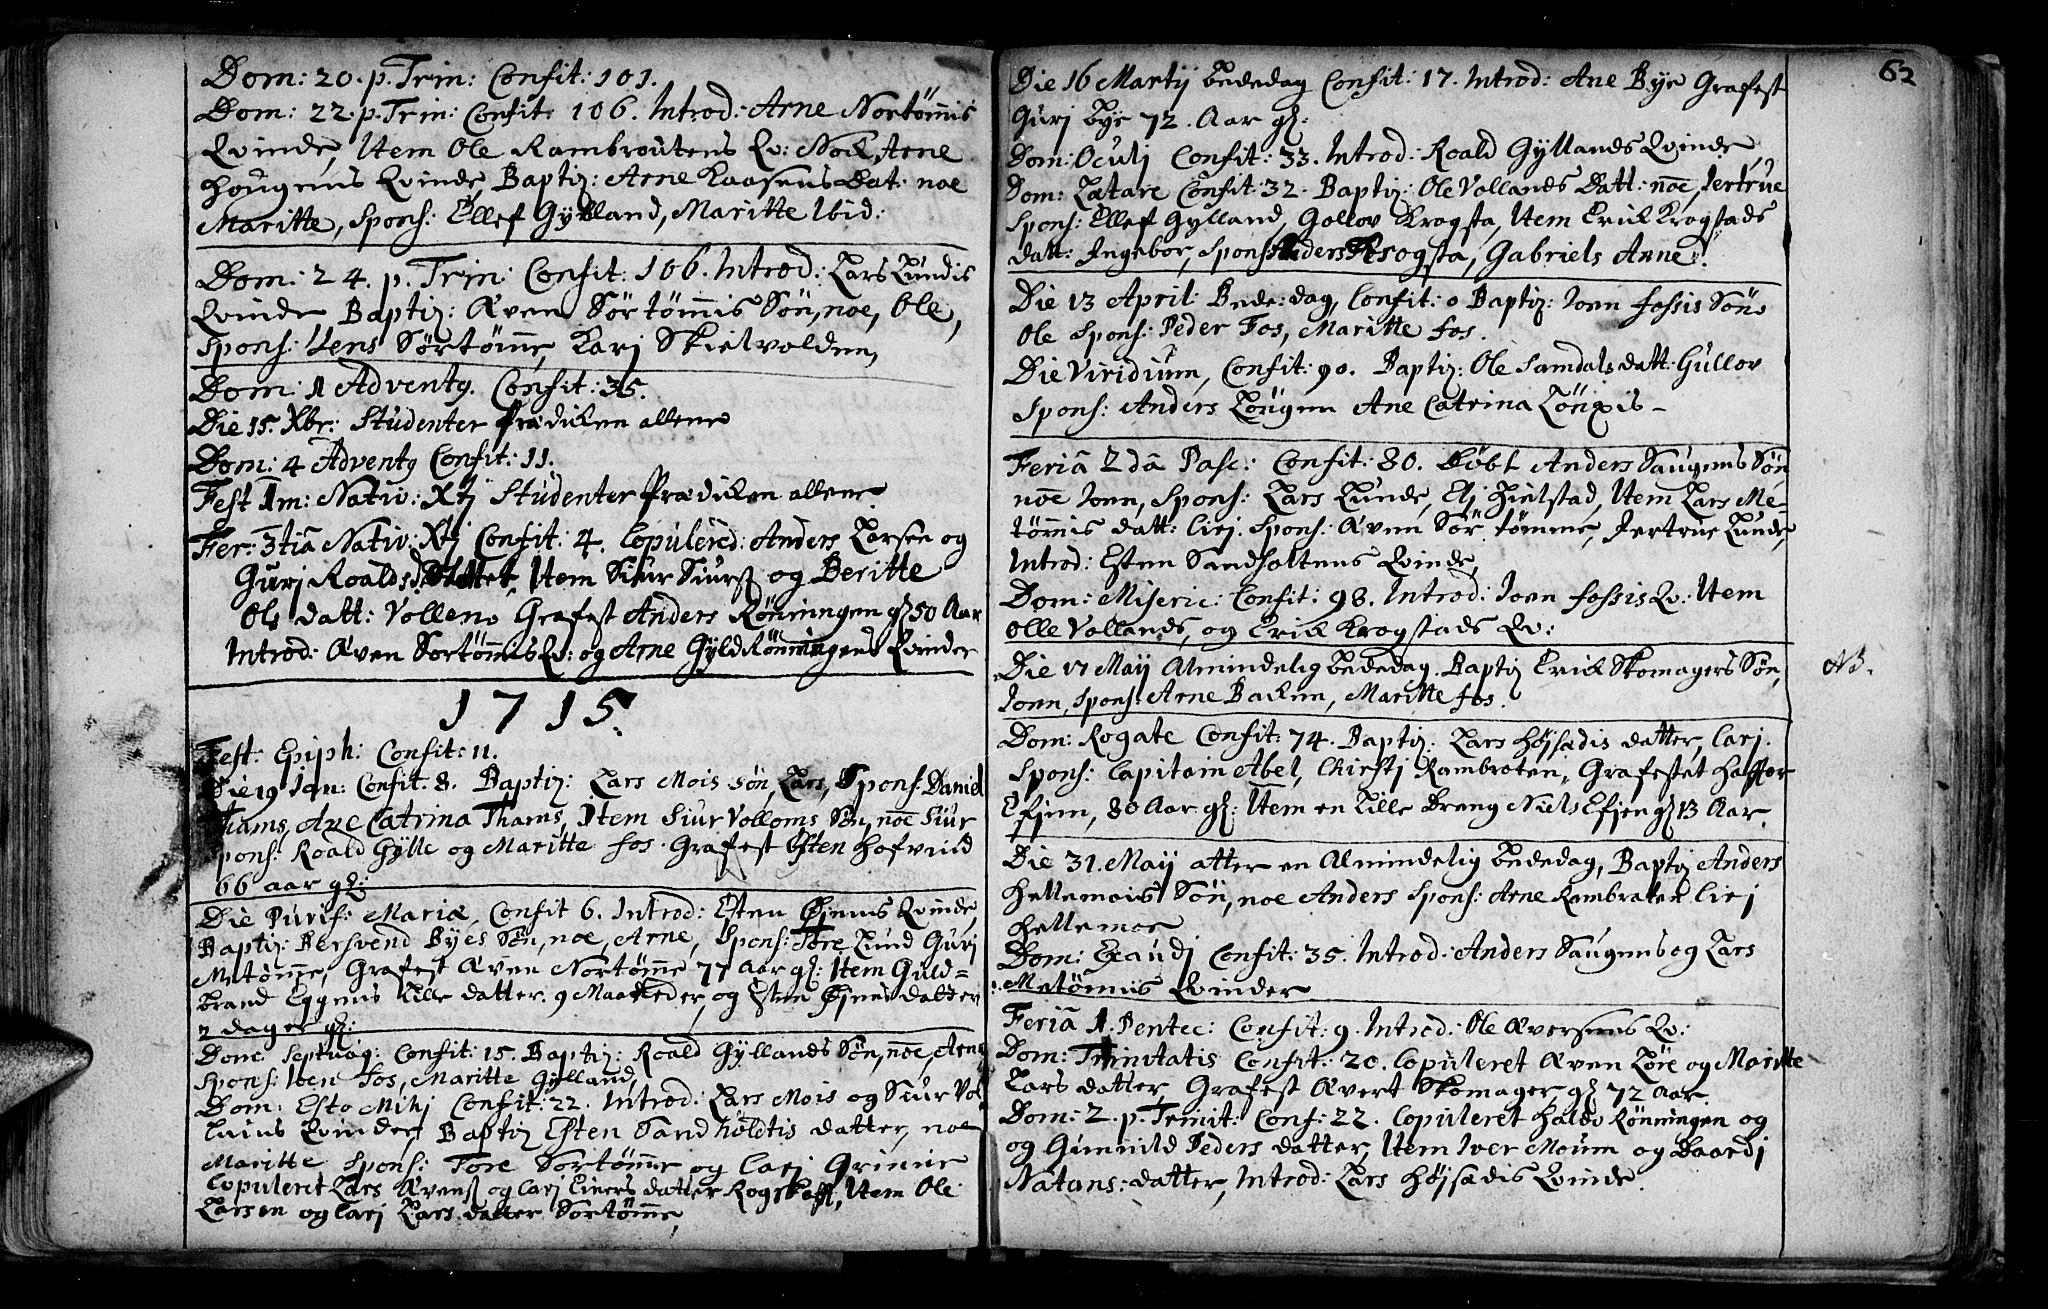 SAT, Ministerialprotokoller, klokkerbøker og fødselsregistre - Sør-Trøndelag, 692/L1101: Ministerialbok nr. 692A01, 1690-1746, s. 62